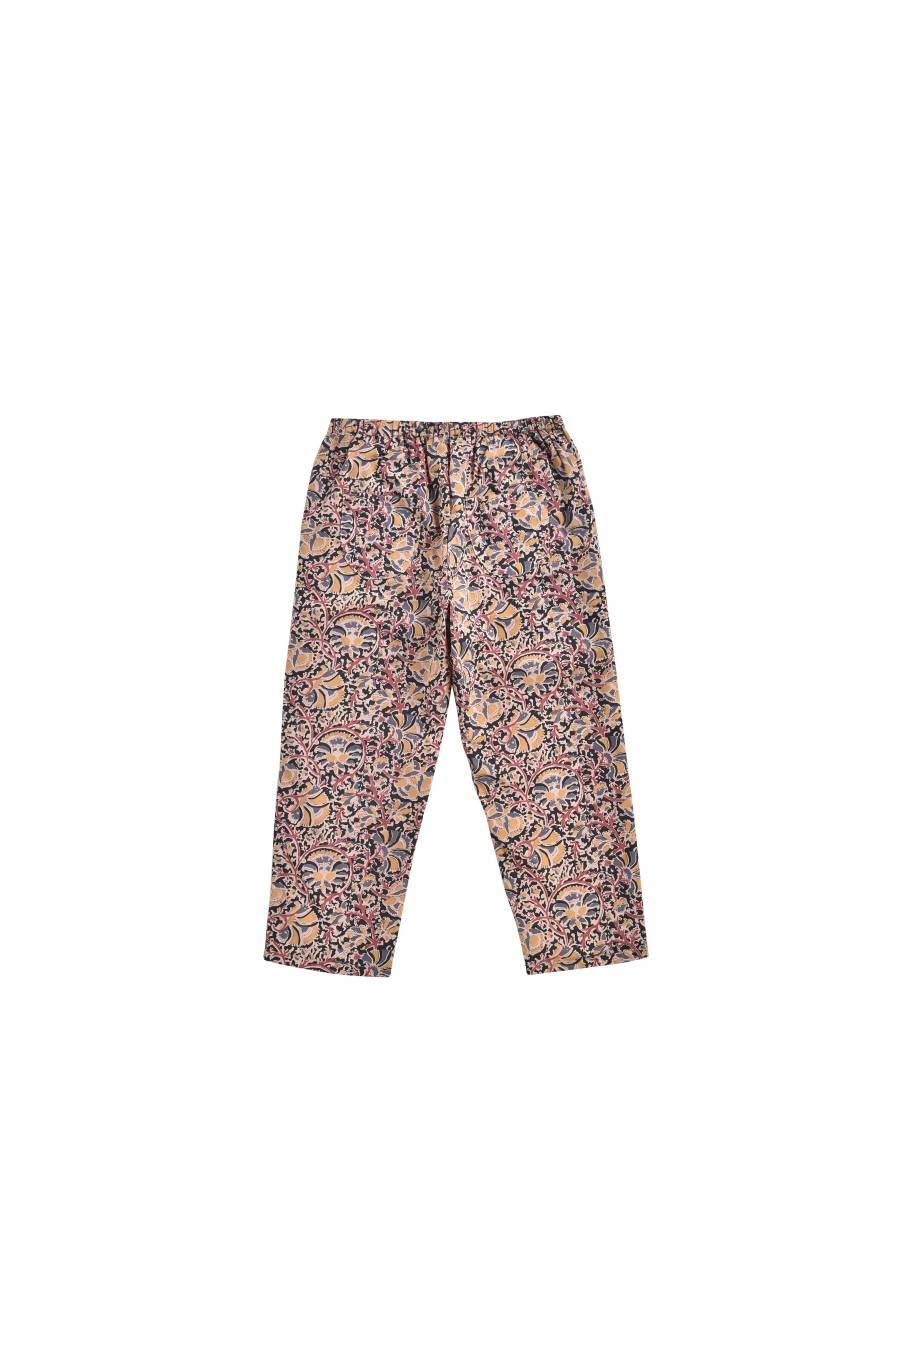 boheme chic vintage pantalon bébé fille saca nordish flowers